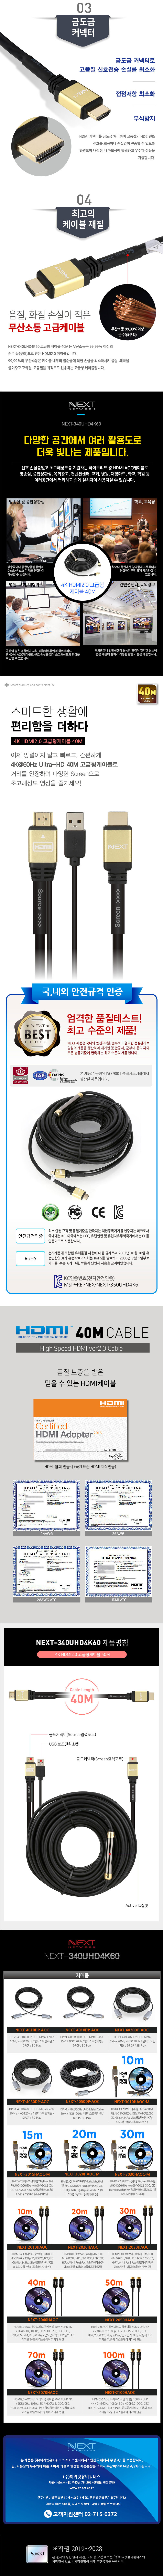 이지넷유비쿼터스  HDMI 2.0 고급형 케이블(40m)